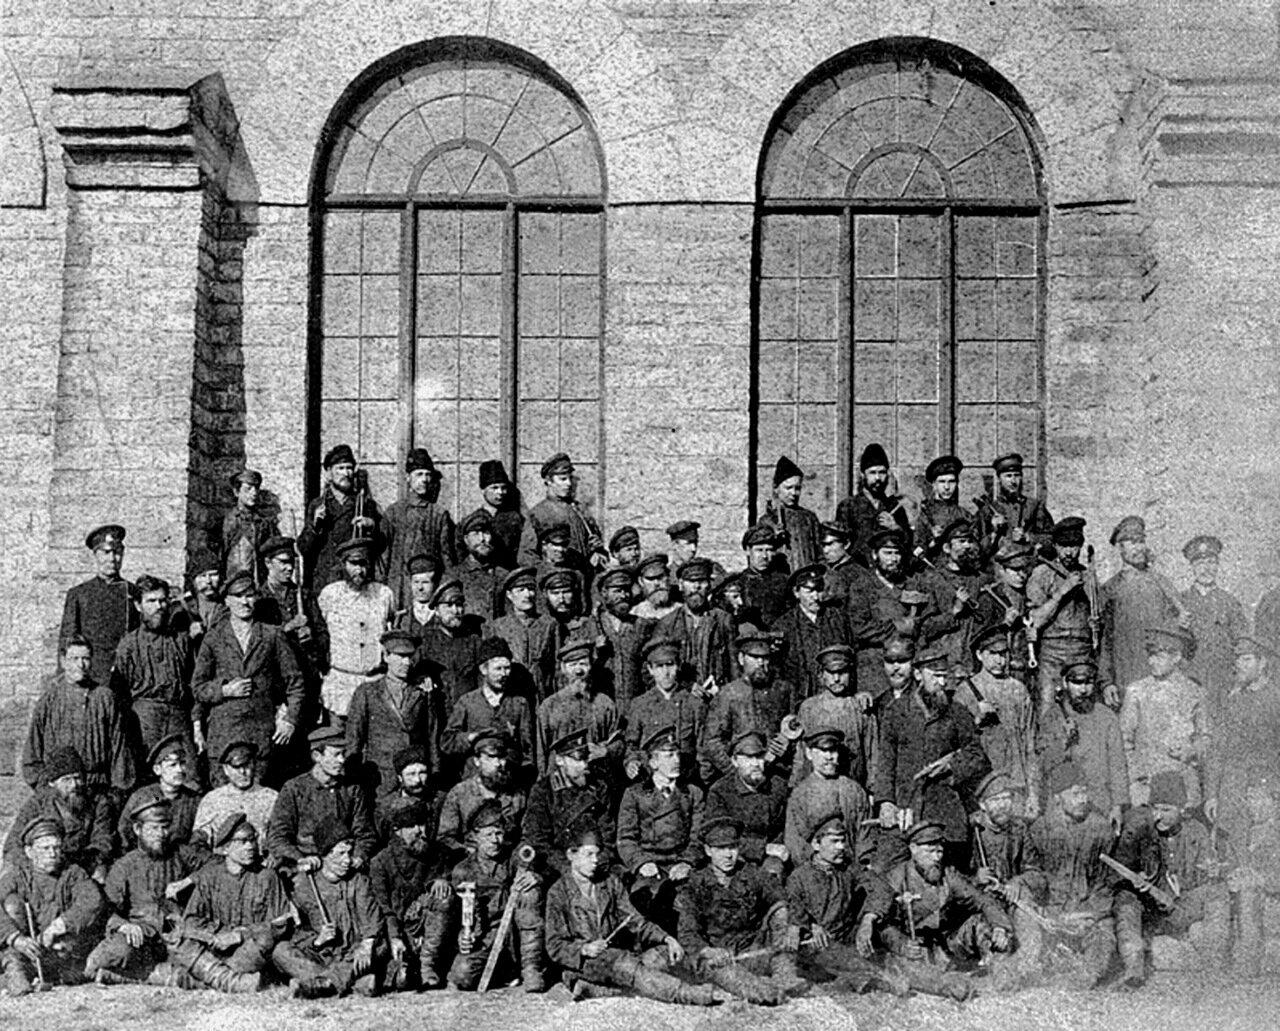 Златоуст. Паровозное депо. 1890-е г.